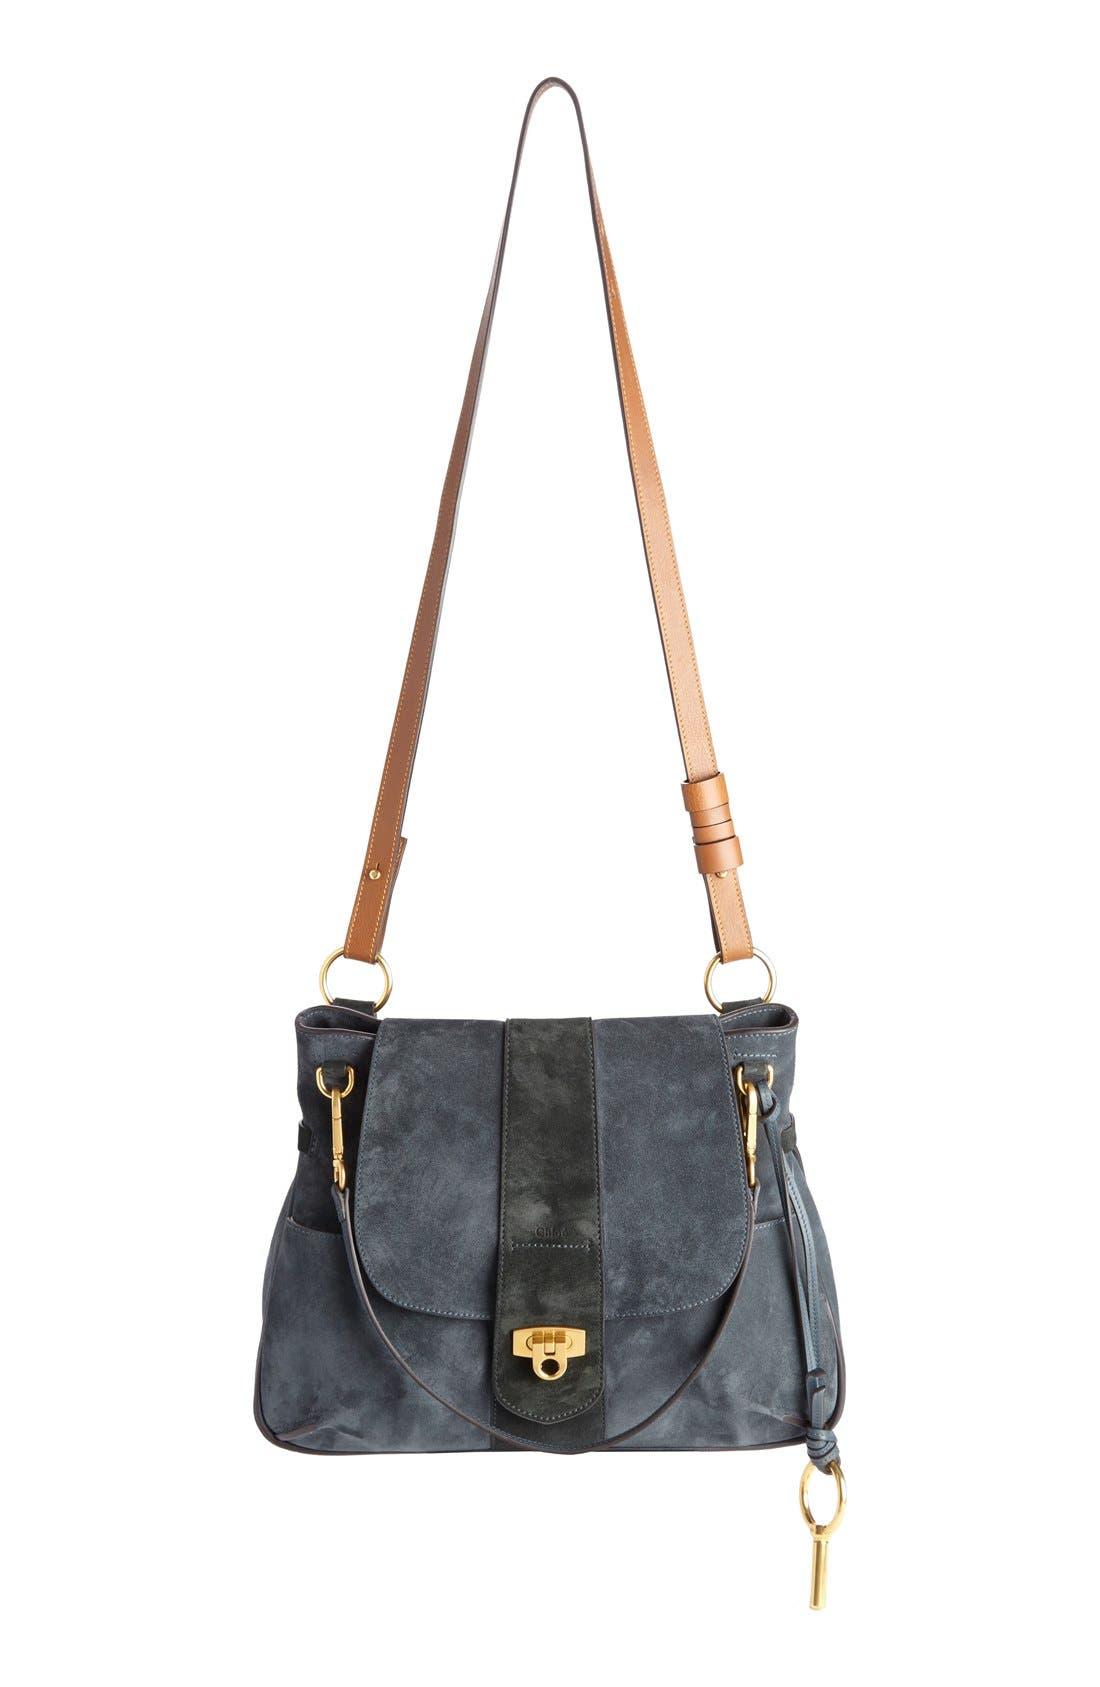 Main Image - Chloé 'Medium Lexa' Suede Shoulder Bag